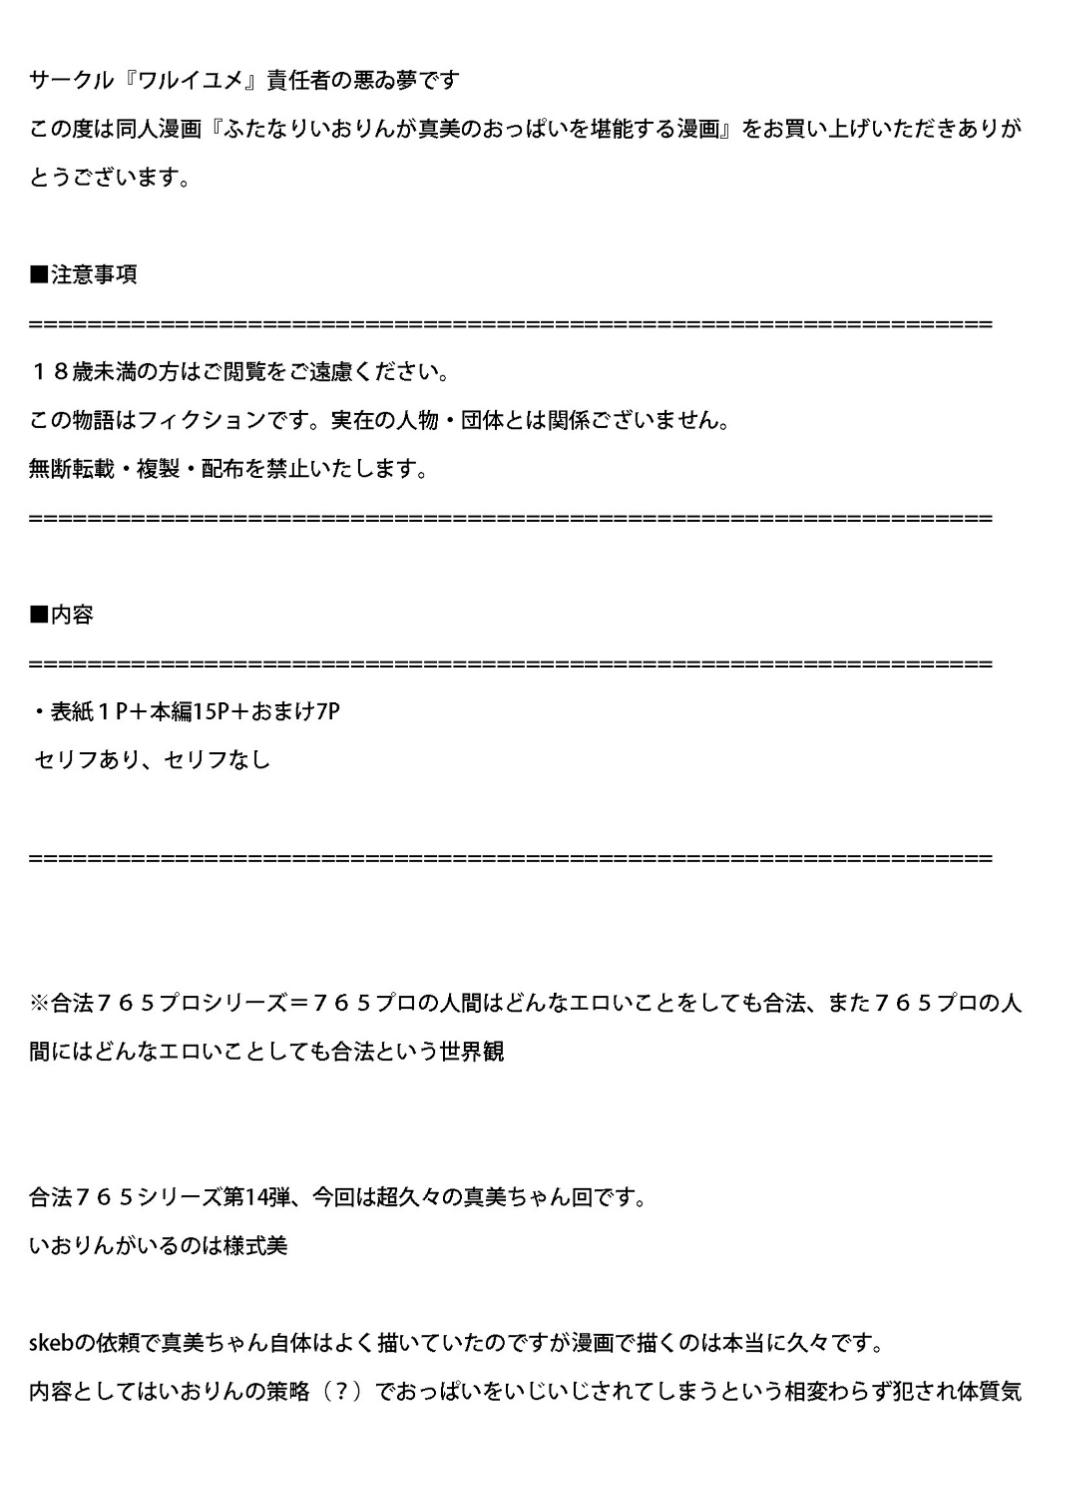 Futanari Iorin ga Mami no Oppai o Tannou suru Manga 46